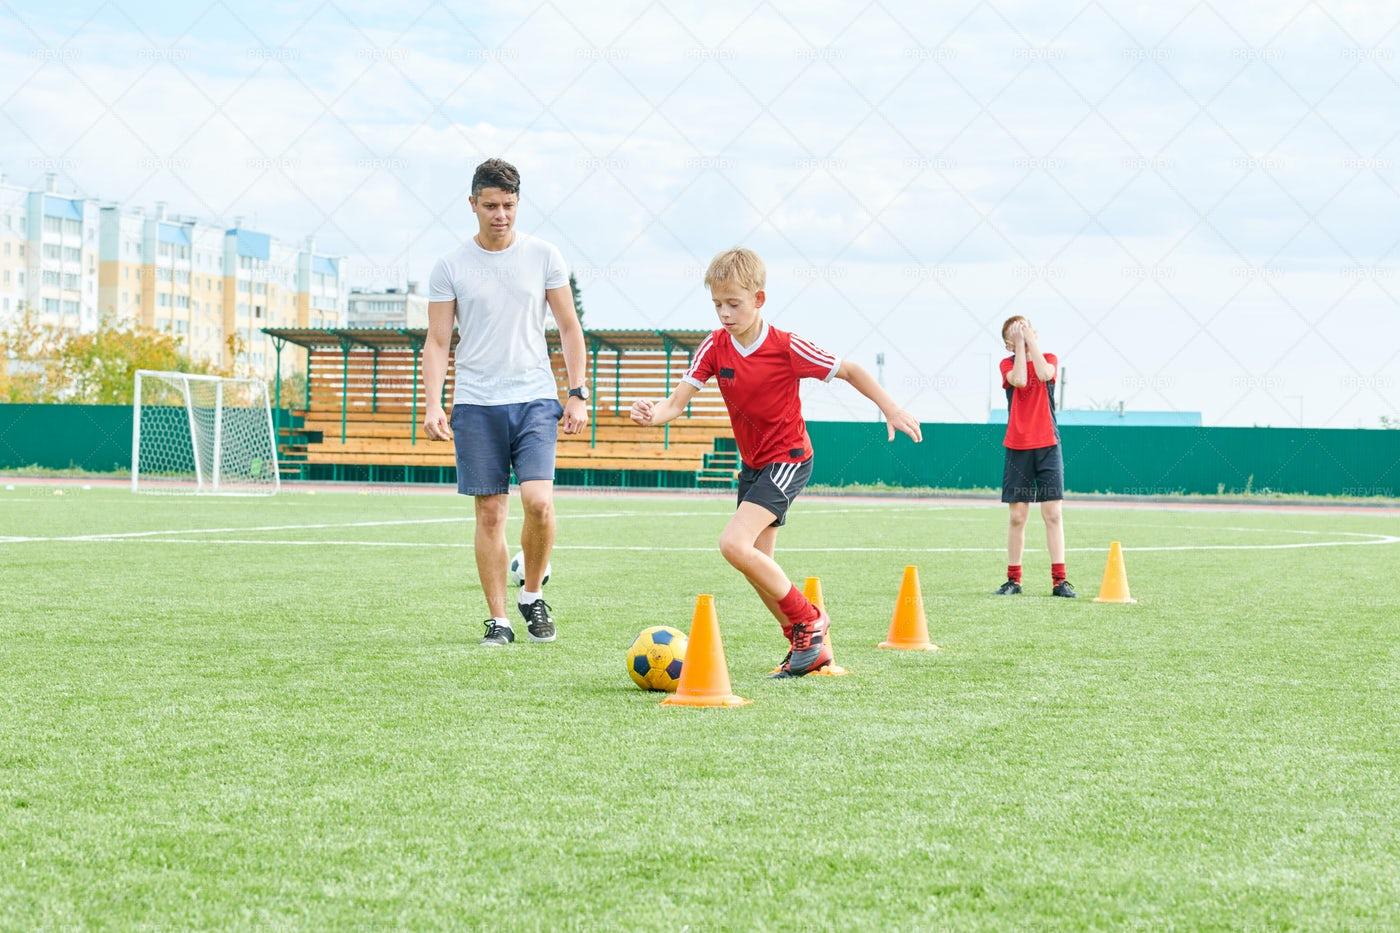 Coach Training Football Team: Stock Photos